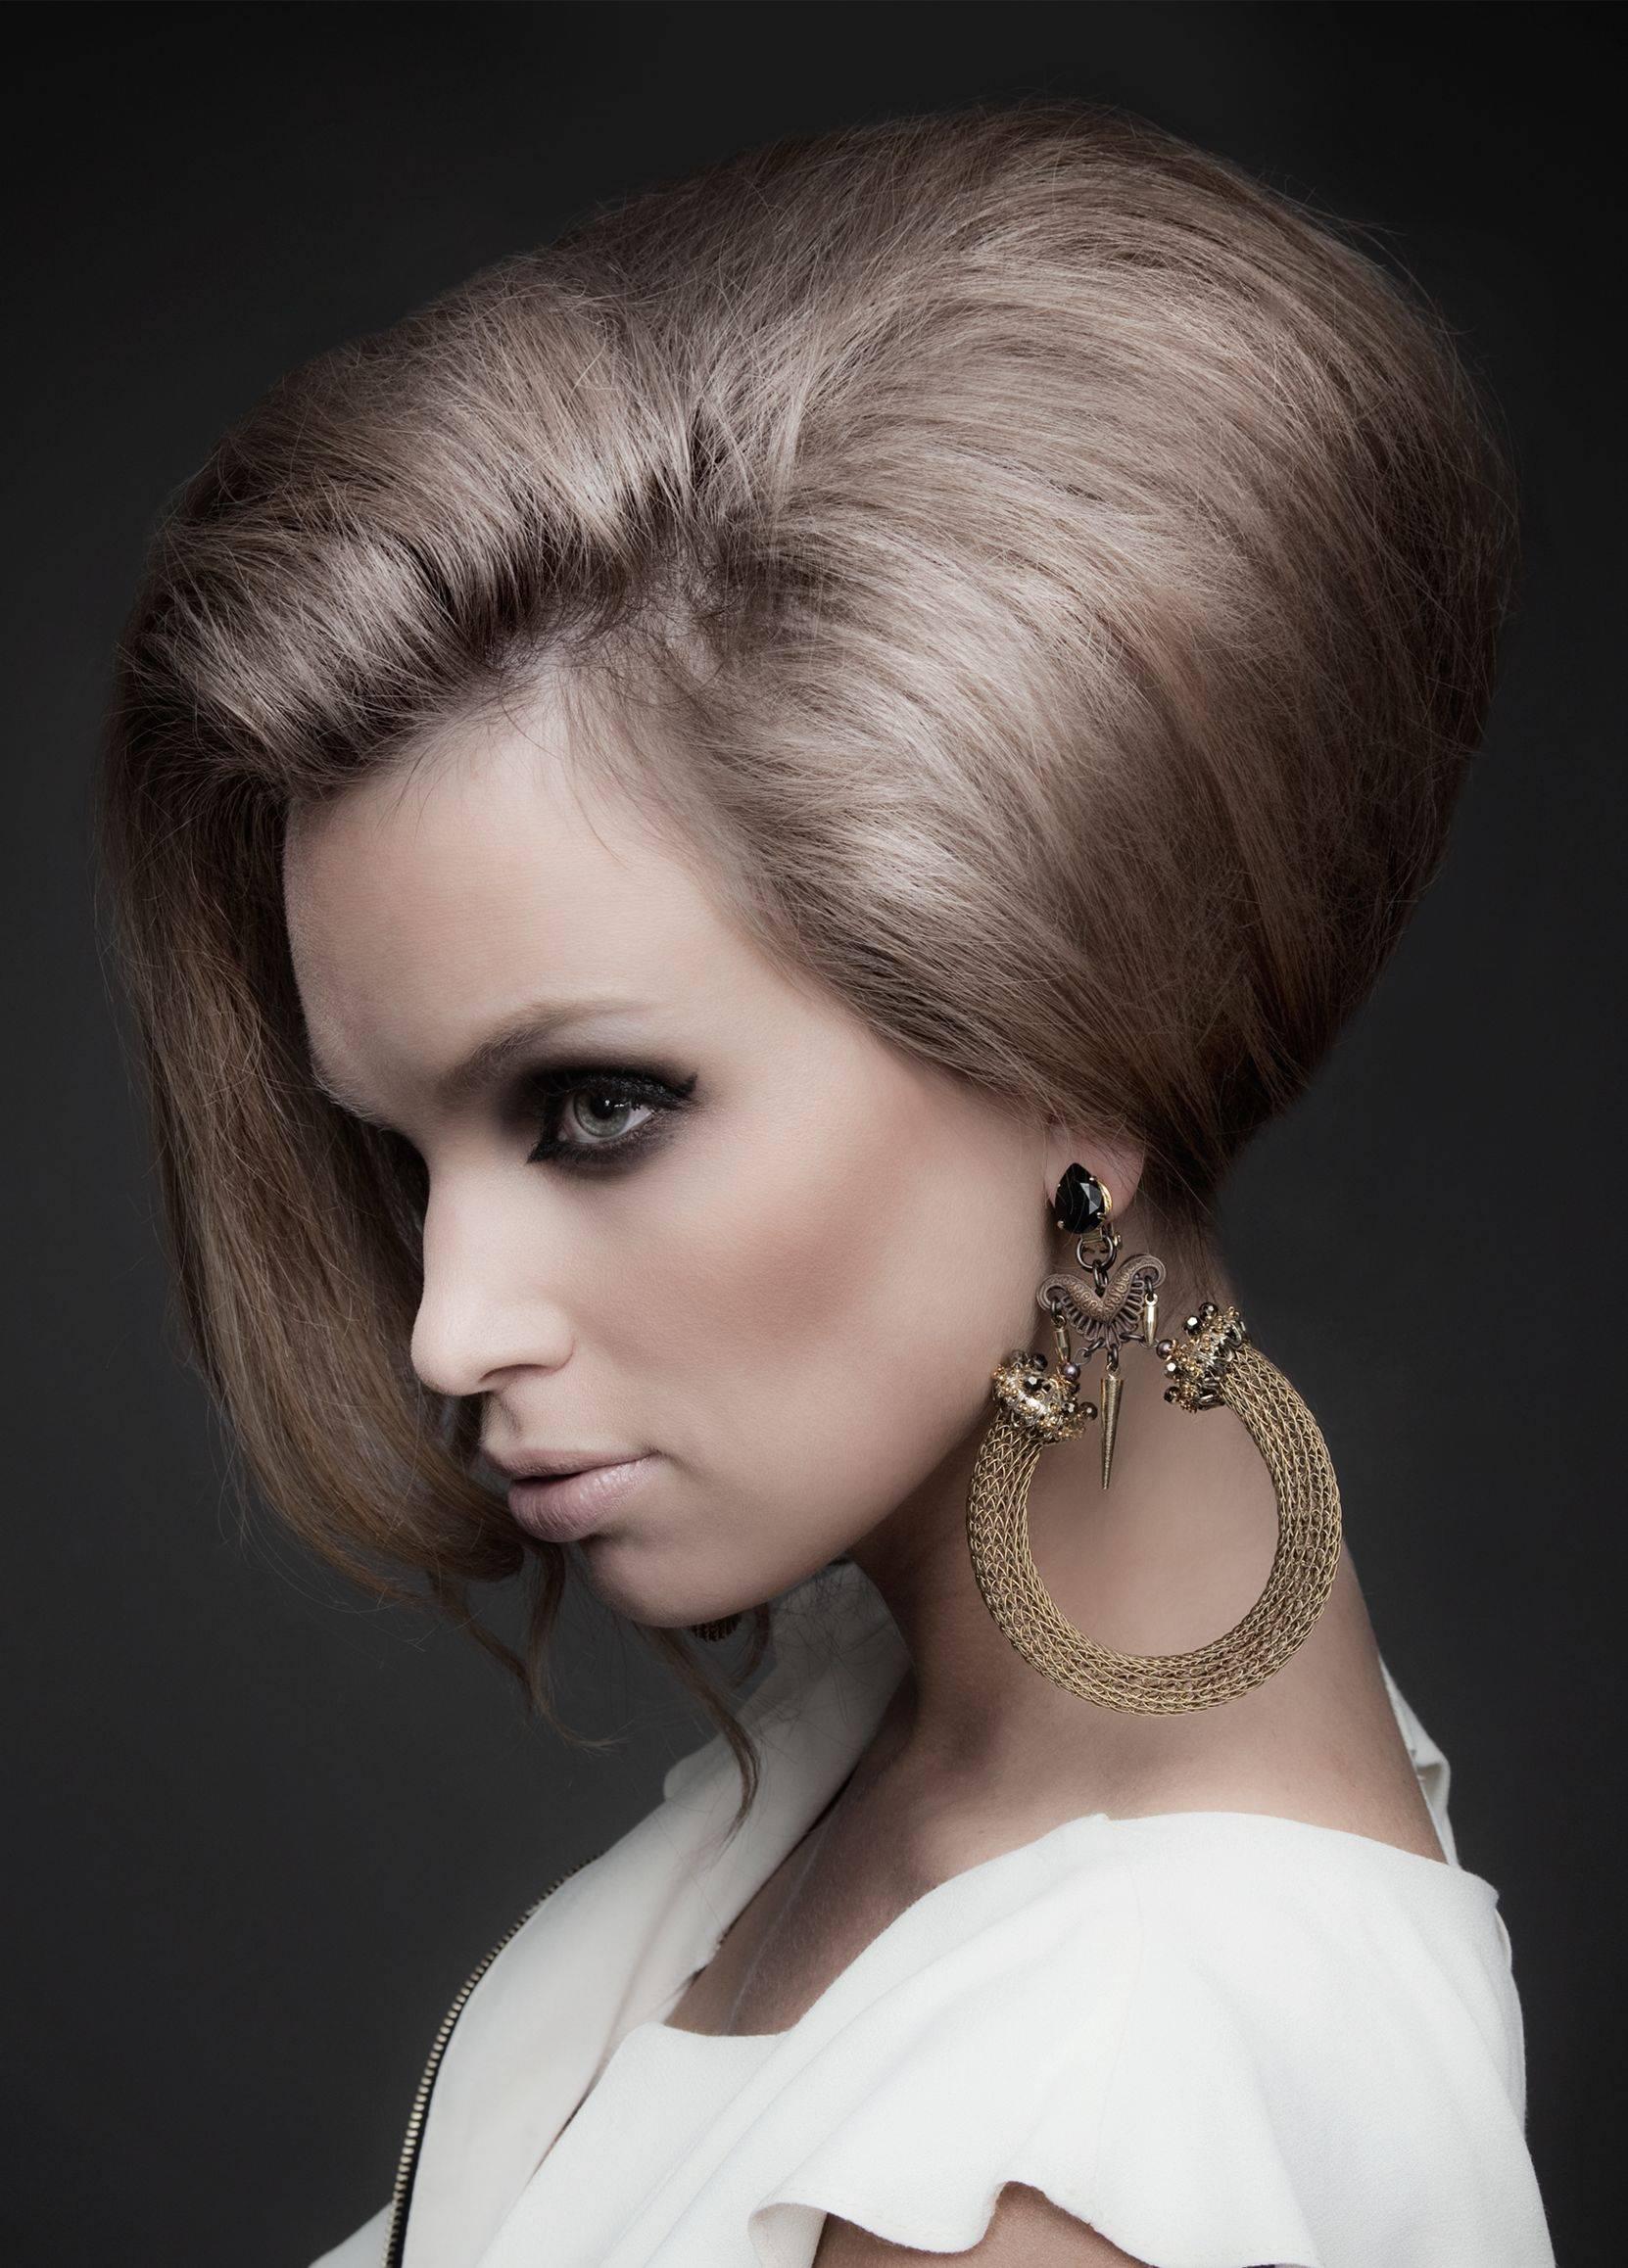 Модные стрижки на средние волосы 2019-2020 фото, красивые женские стрижки на средние волосы